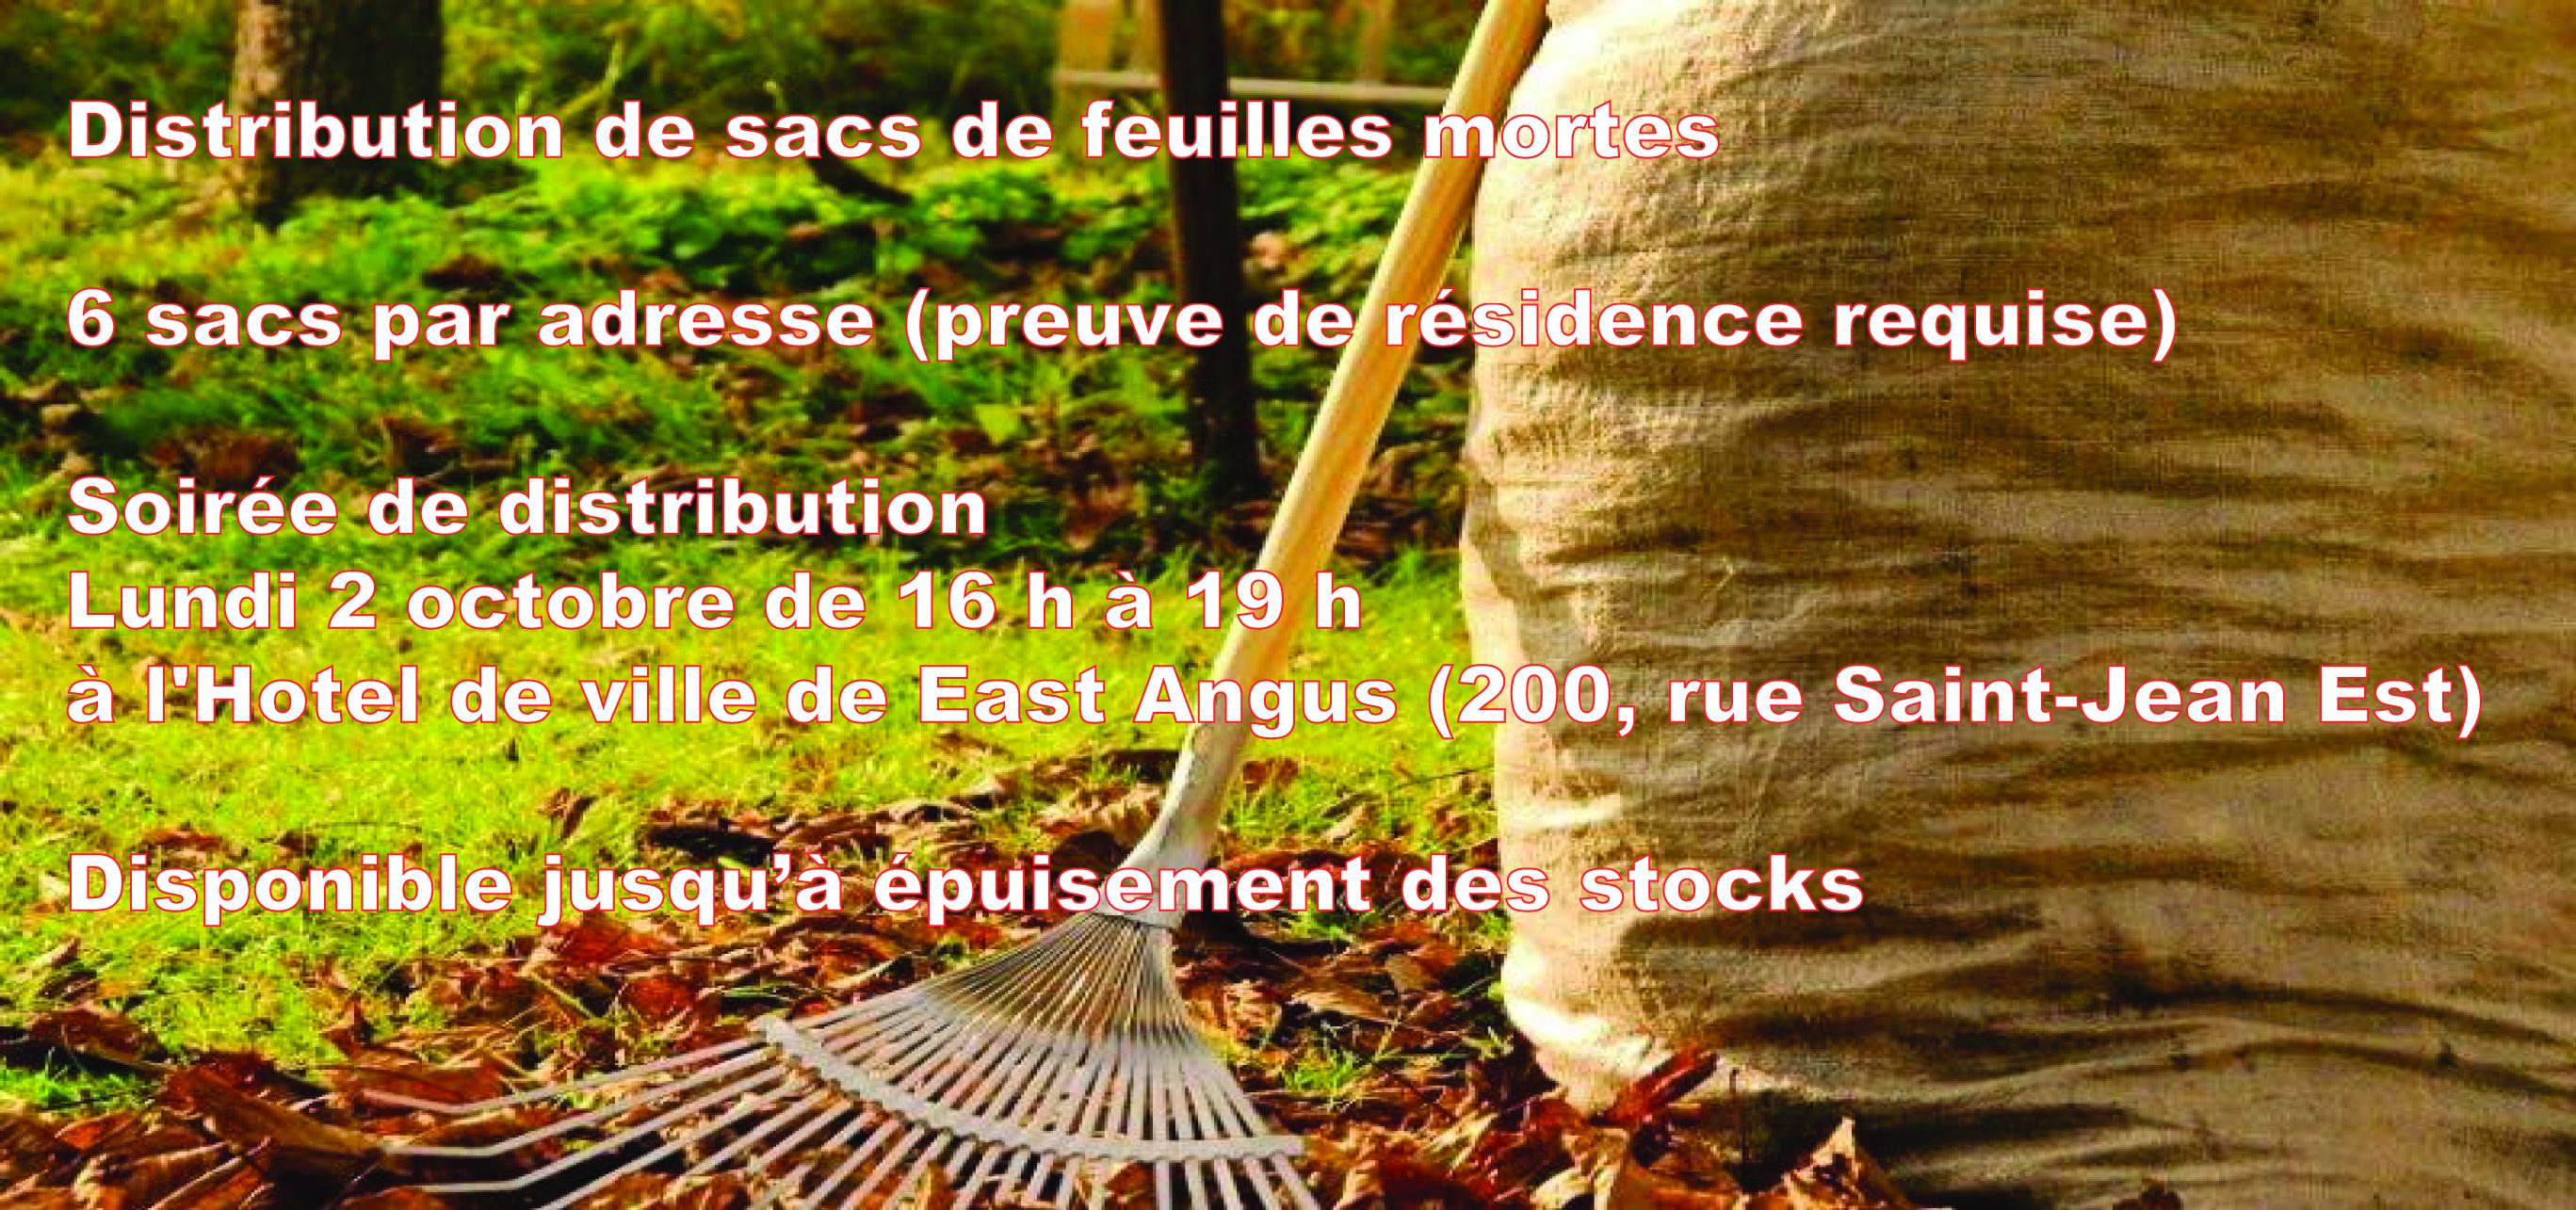 Distribution sacs de feuilles